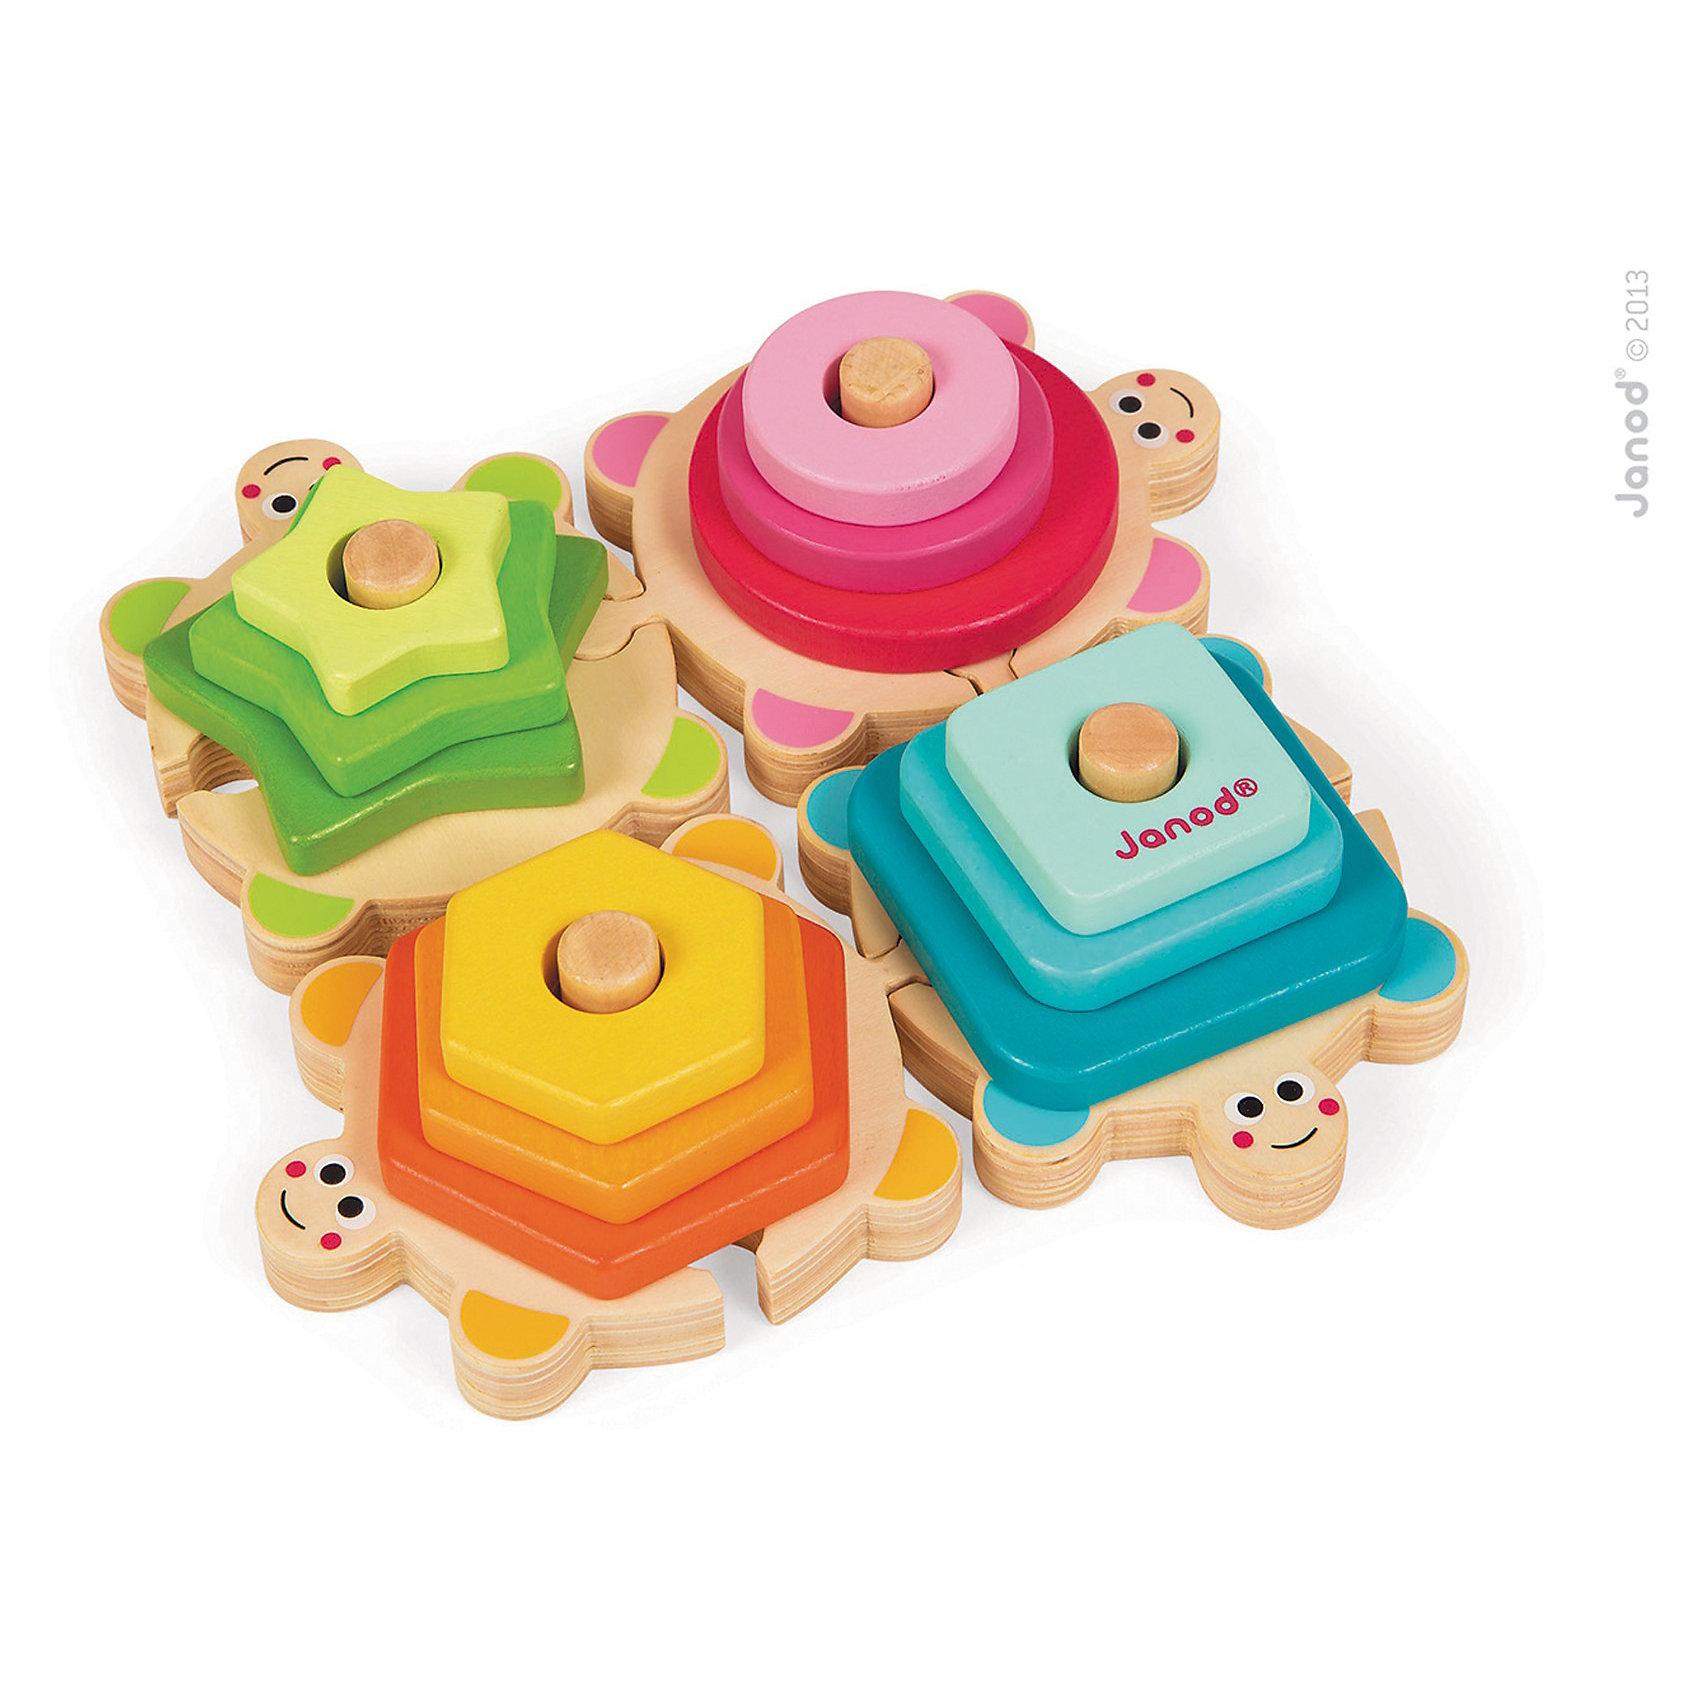 Сортер-пирамидка Черепашки, JanodПирамидки<br>Сортер - отличный способ развивать творческие способности ребенка в игровой форме. Эта игра очень удобна - ее можно брать с собой в дорогу, благодаря продуманной форме хранится она очень компактно. Она развивает также мелкую моторику, художественный вкус, воображение, логическое мышление, цветовосприятие. Такая игра надолго занимает детей и помогает увлекательно провести время!<br>Сортер-пирамидка сделан в виде четырех черепашек, к которым прилагаются детали разных форм и цветов, благодаря чему малыш будет учиться узнавать фигуры и сочетать их между собой. Игра разработана опытными специалистами, сделана из высококачественных материалов, безопасных для детей.<br><br>Дополнительная информация:<br><br>материал: дерево;<br>размер: 20,5 х 20,5 х 5 см.<br><br>Сортер-пирамидку Черепашки от компании Janod можно купить в нашем магазине.<br><br>Ширина мм: 256<br>Глубина мм: 238<br>Высота мм: 55<br>Вес г: 607<br>Возраст от месяцев: 18<br>Возраст до месяцев: 48<br>Пол: Унисекс<br>Возраст: Детский<br>SKU: 3635563